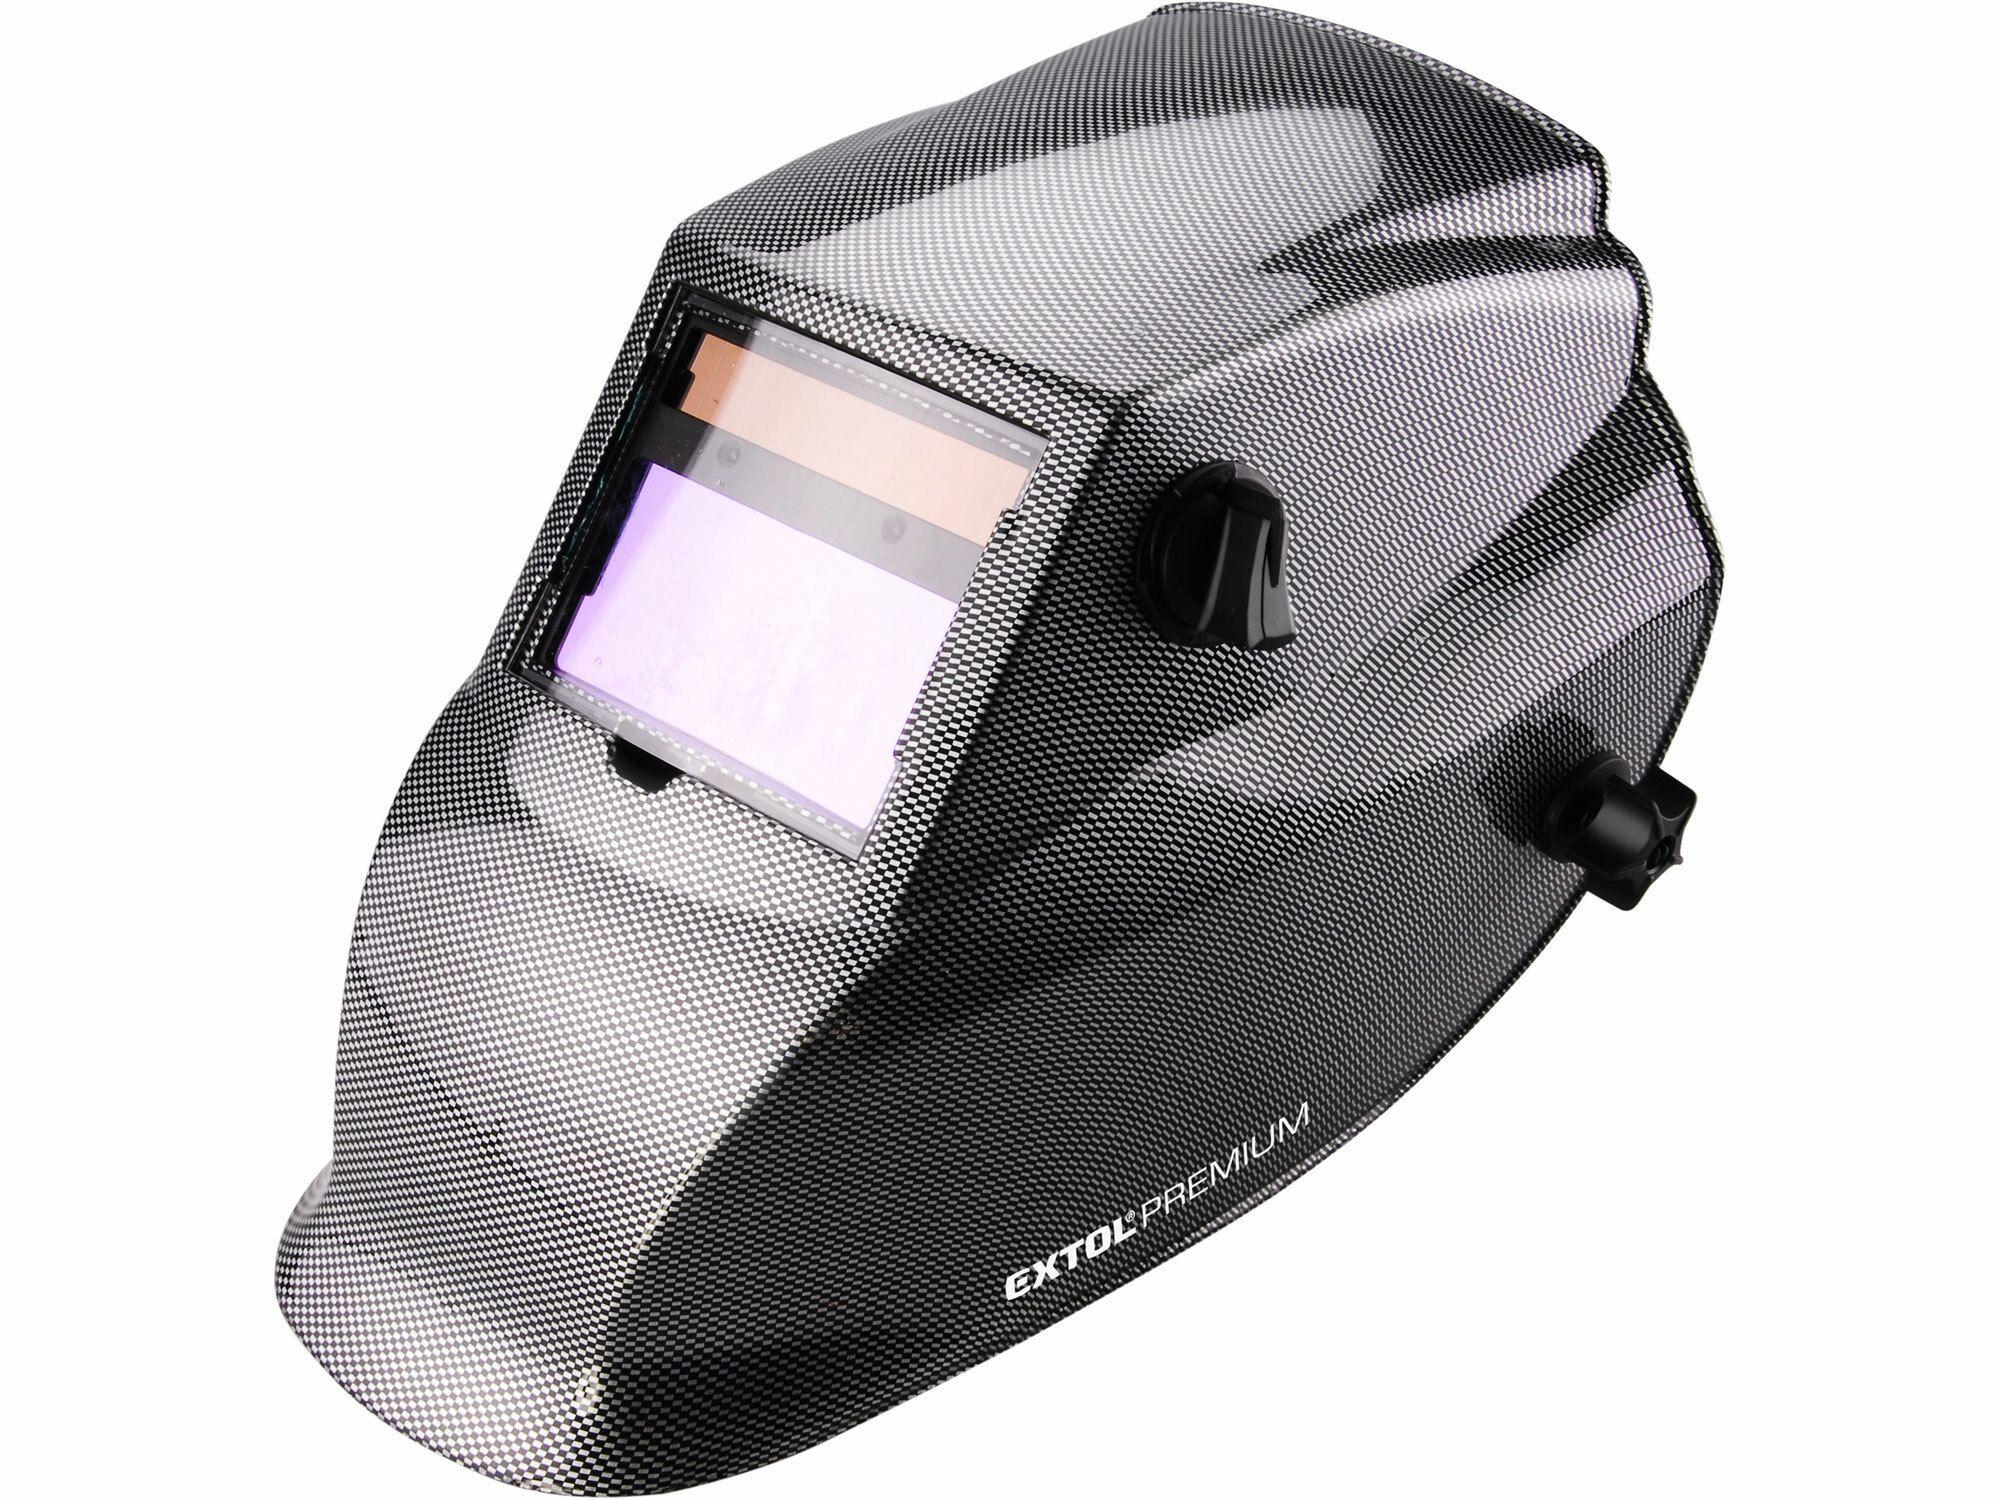 Kukla svářecí samostmívací, karbonová, 100x50mm, 1/25000s EXTOL-PREMIUM